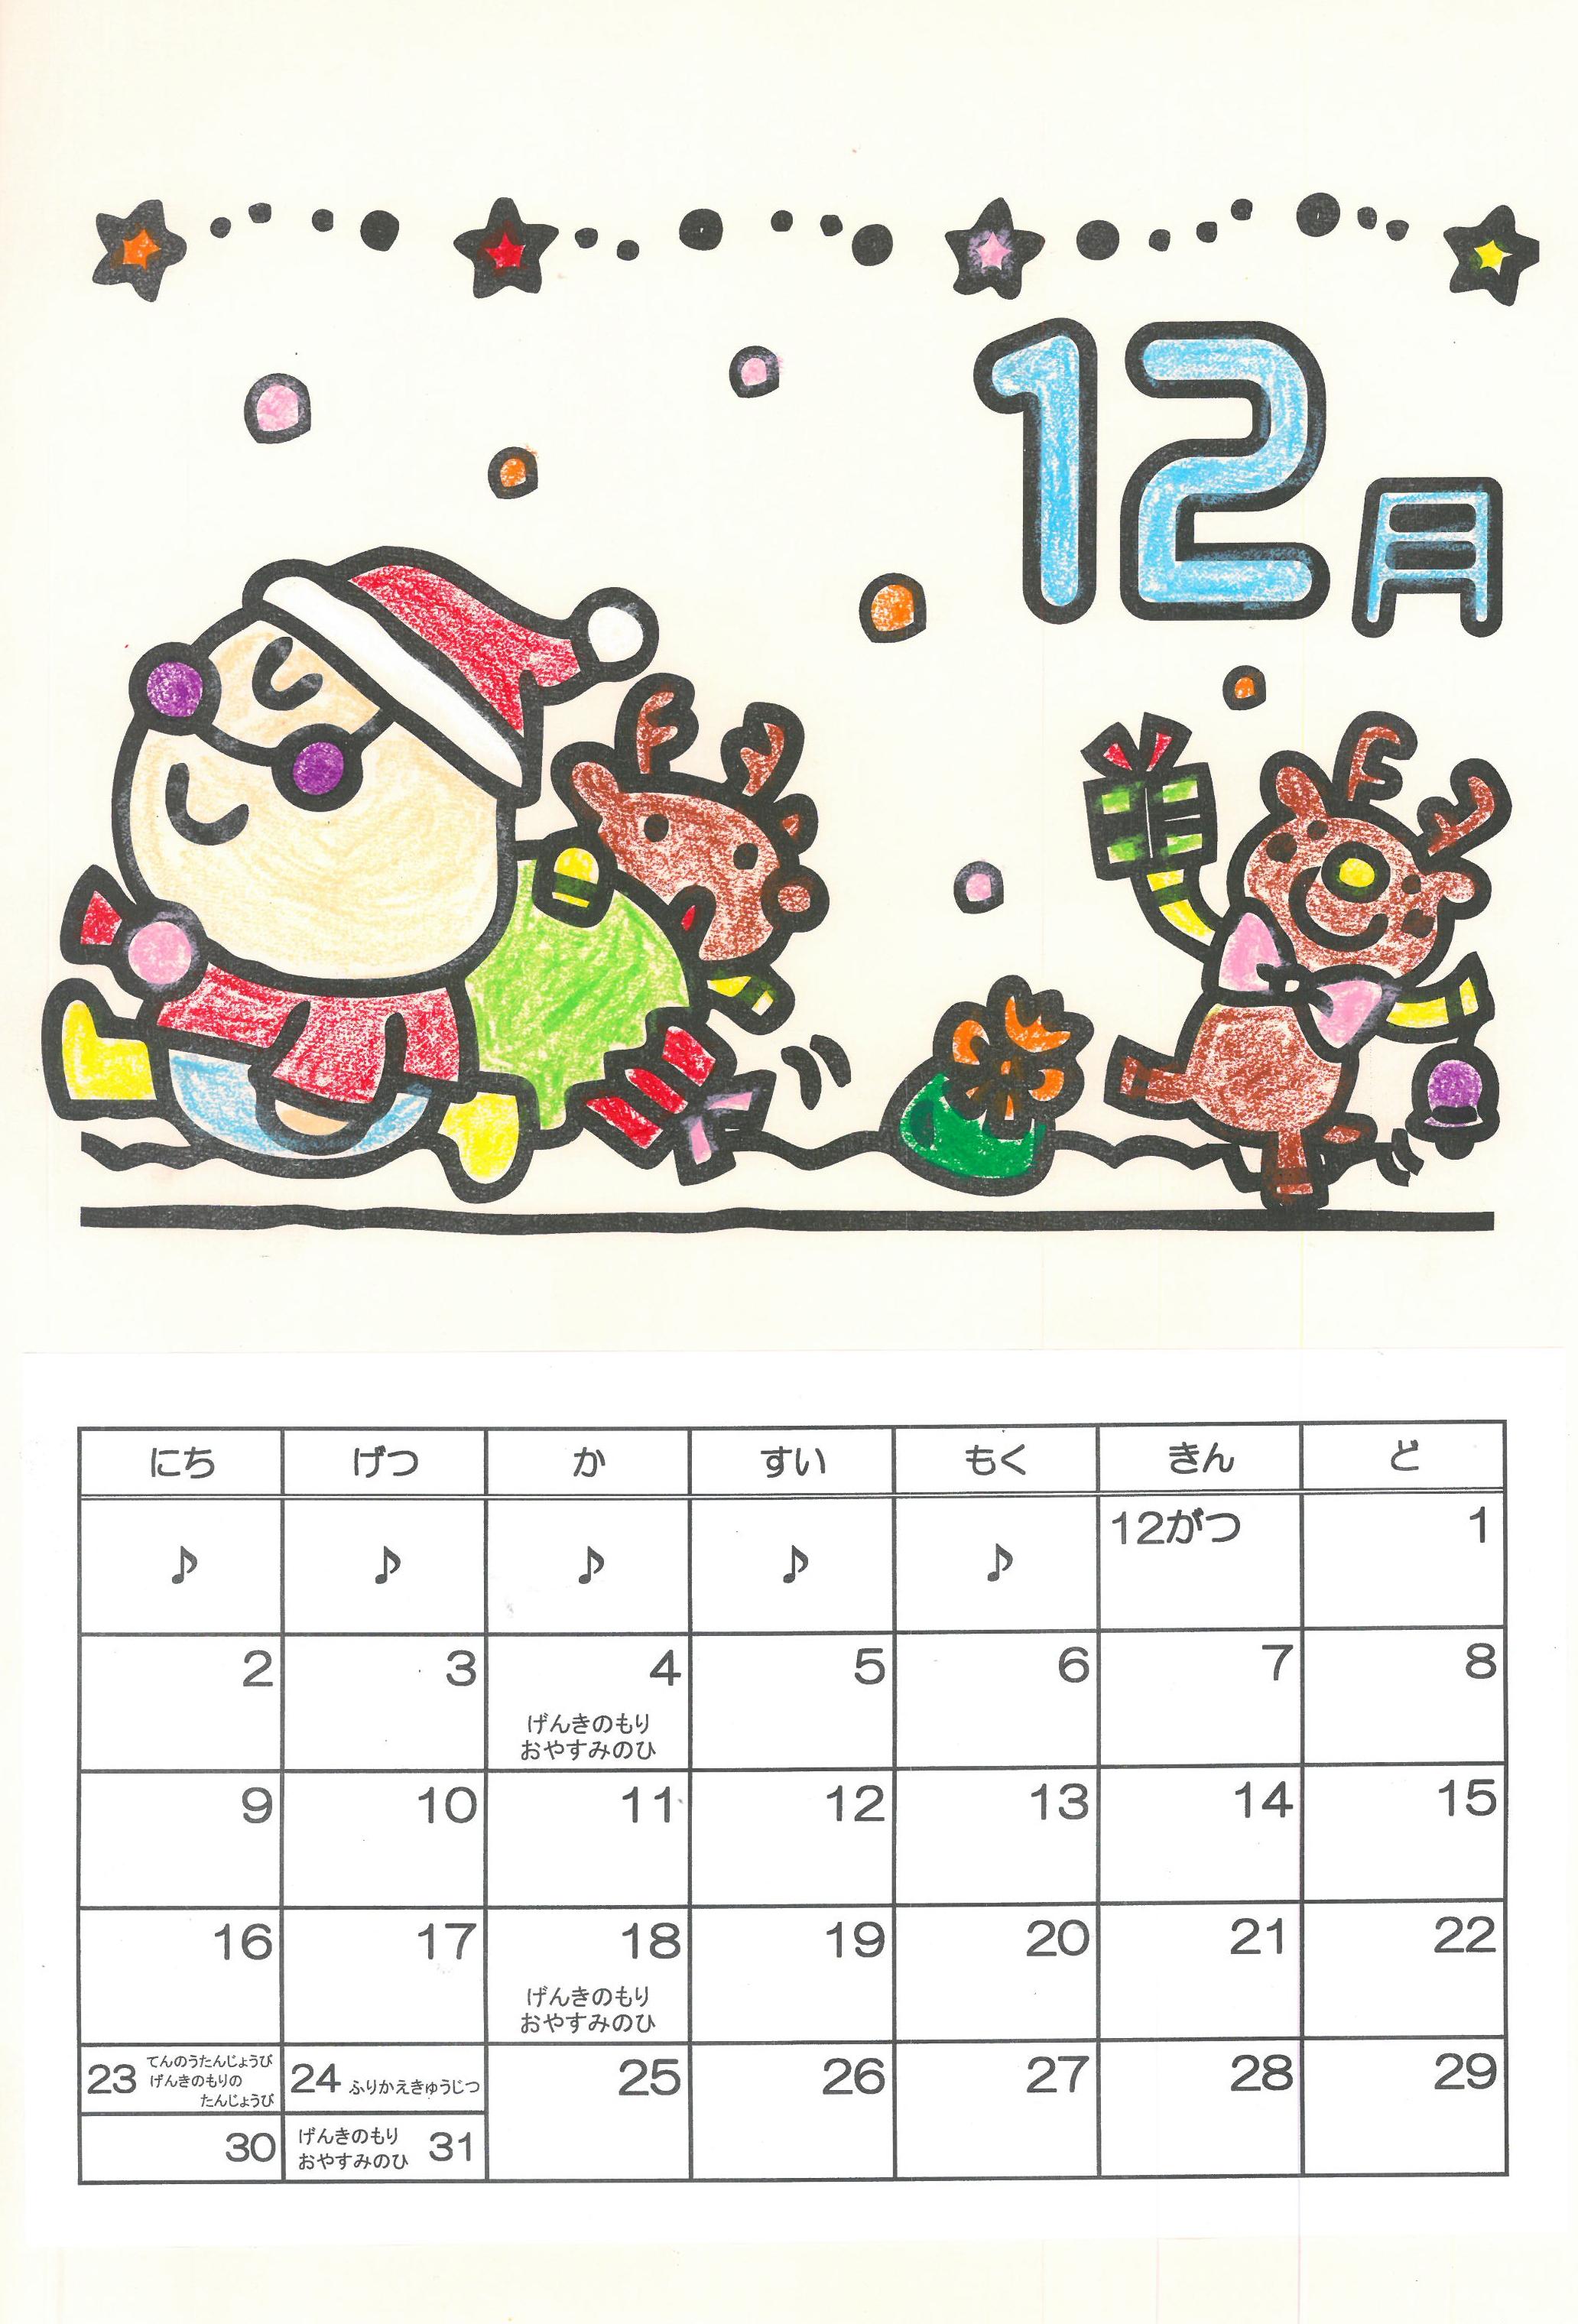 創作 ぬりえカレンダー 12月のカレンダーをつくろう 北九州市立